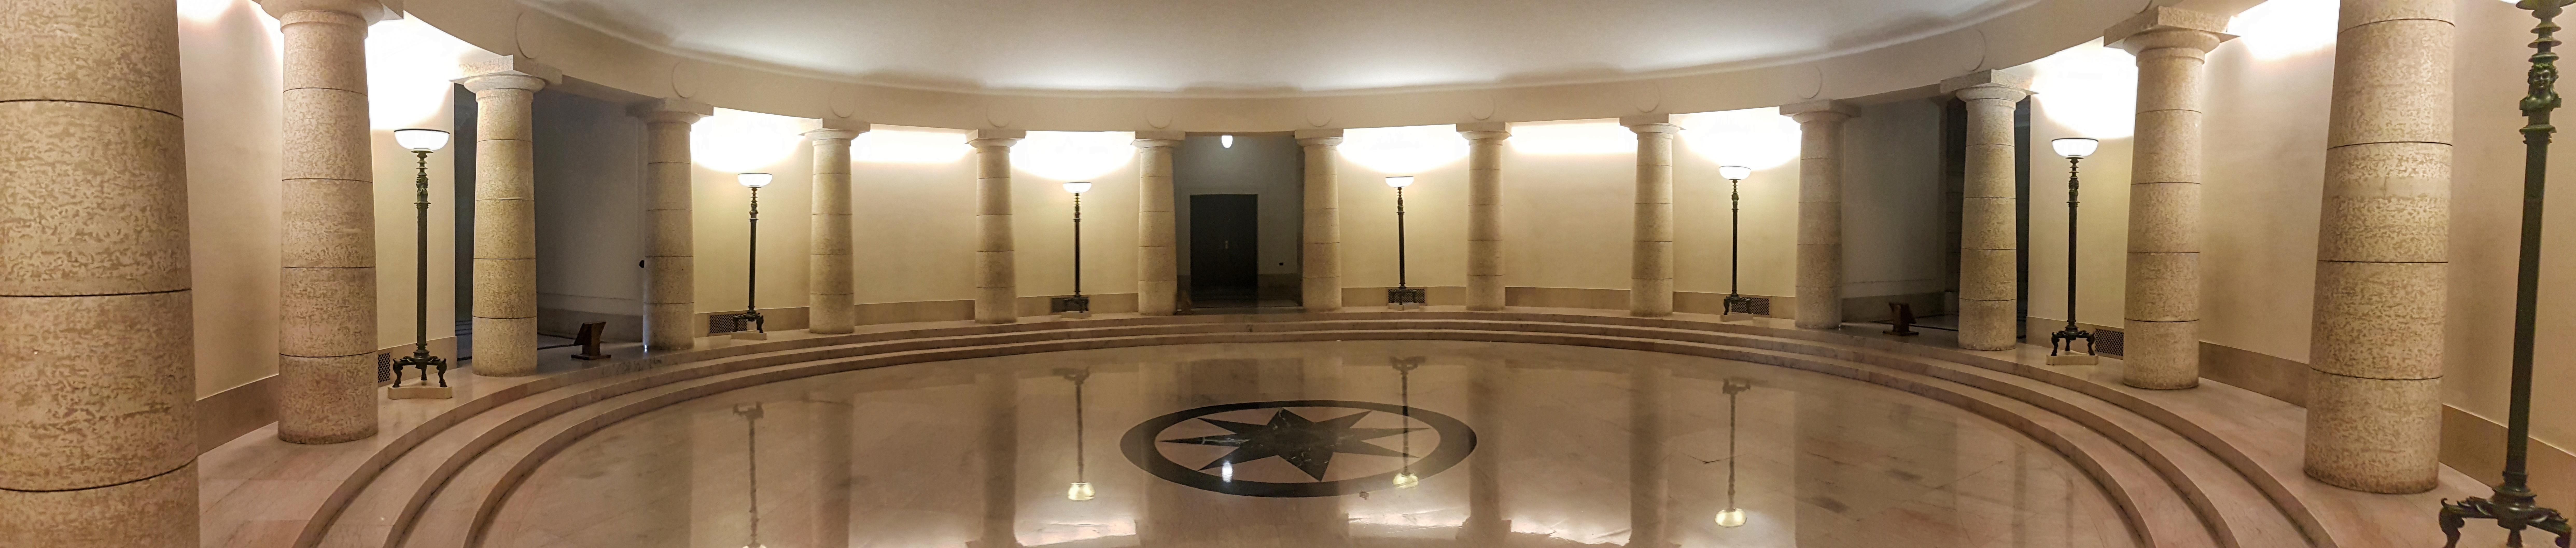 Manitoba Legislative Building Room of the Black Star